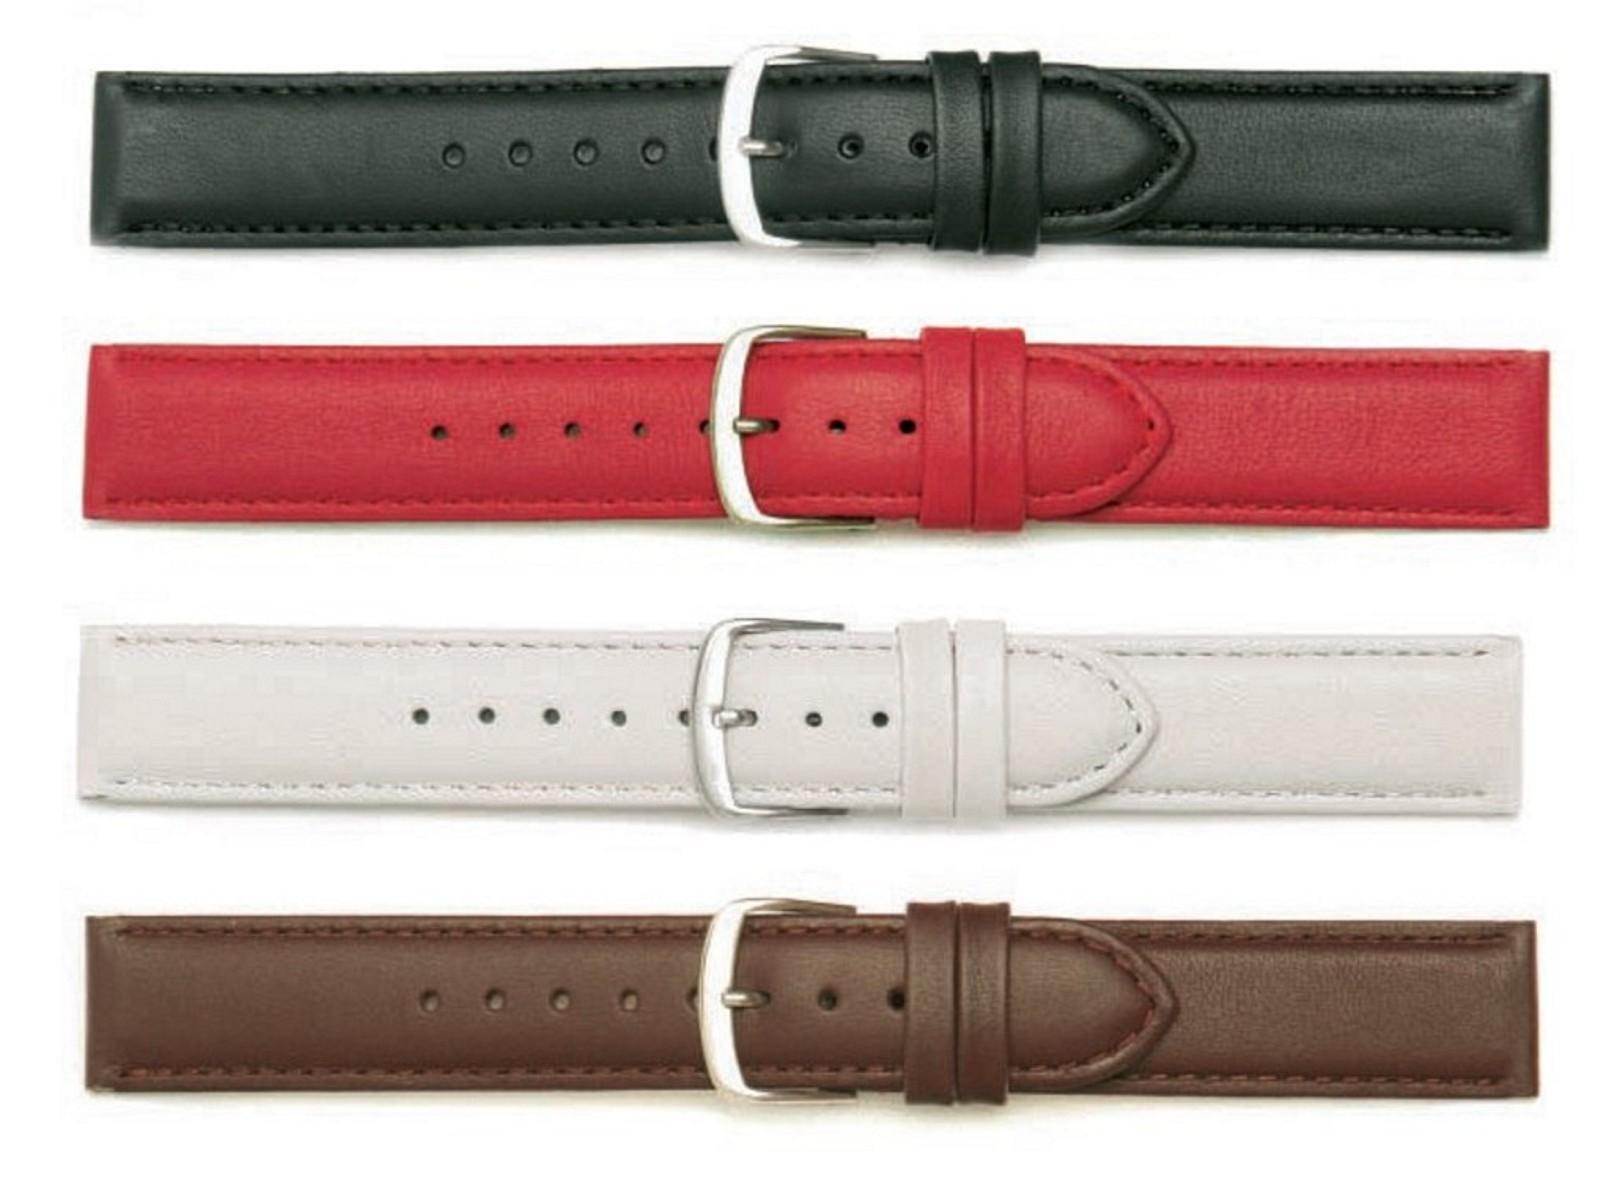 Uhrenarmband Jungkalb Modell Chur weiß 24 mm